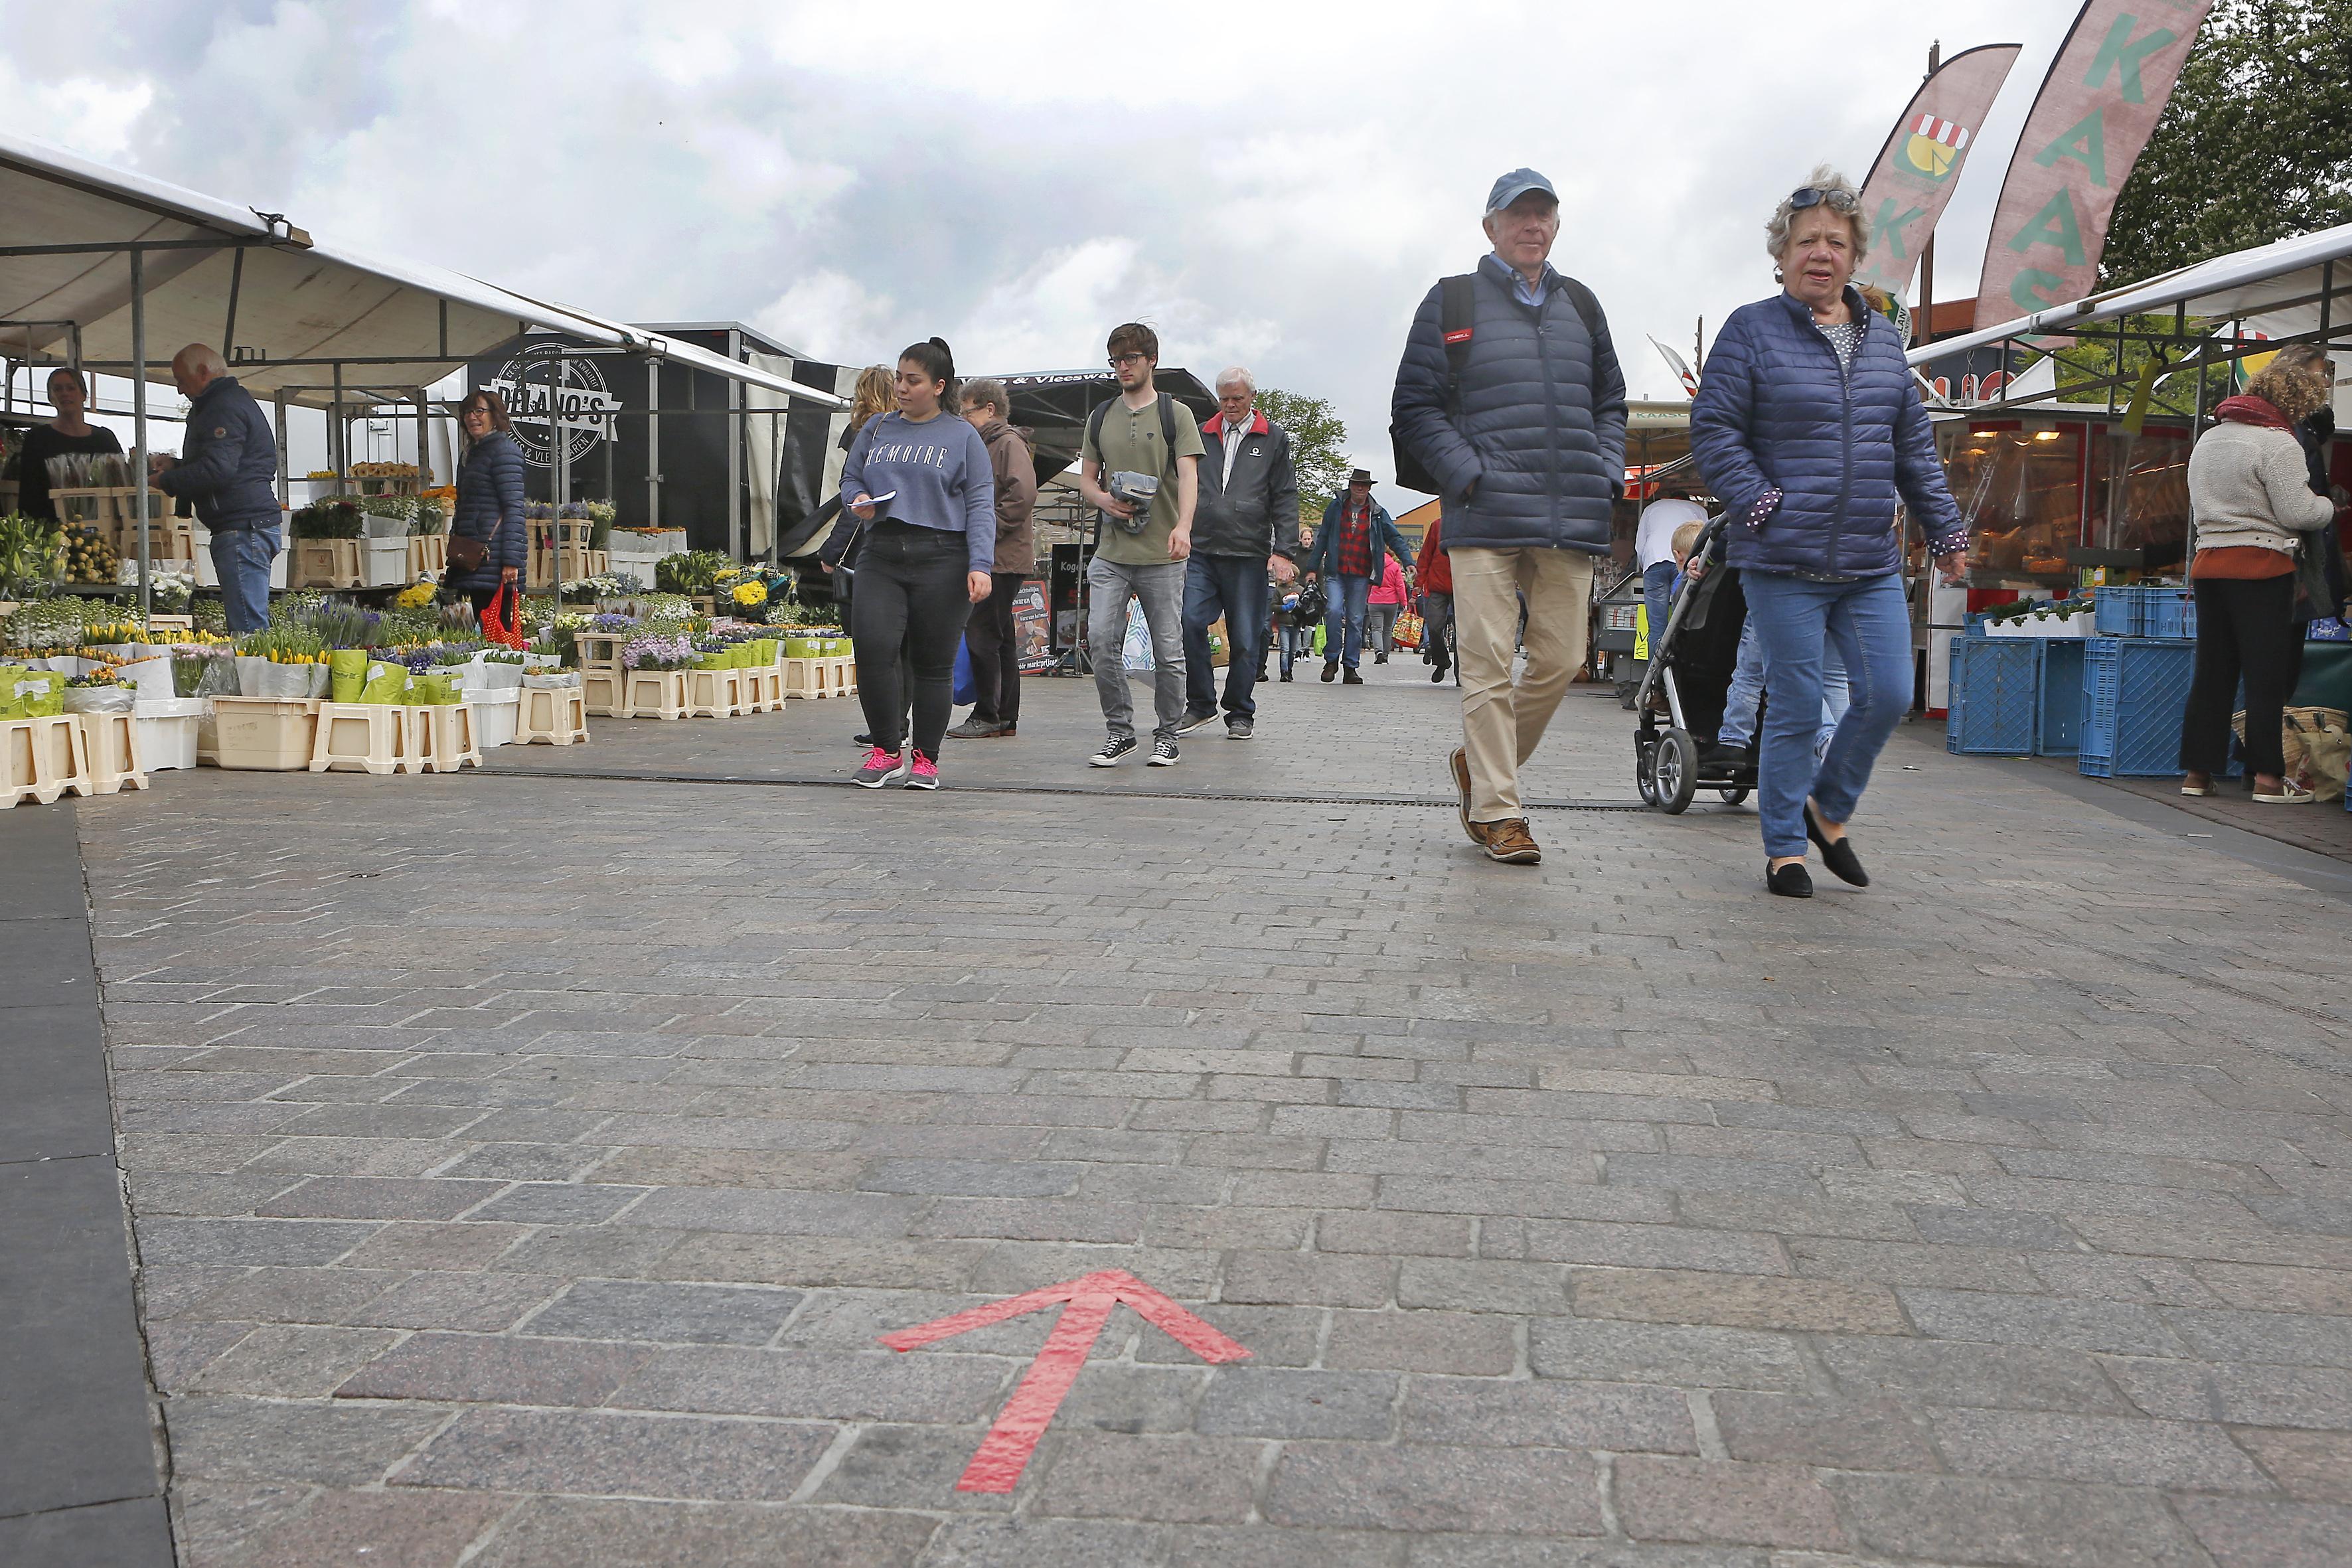 Eenrichtingsverkeer op markt Hilversum behoorlijk vaag; 'Iedereen loopt gewoon door elkaar'